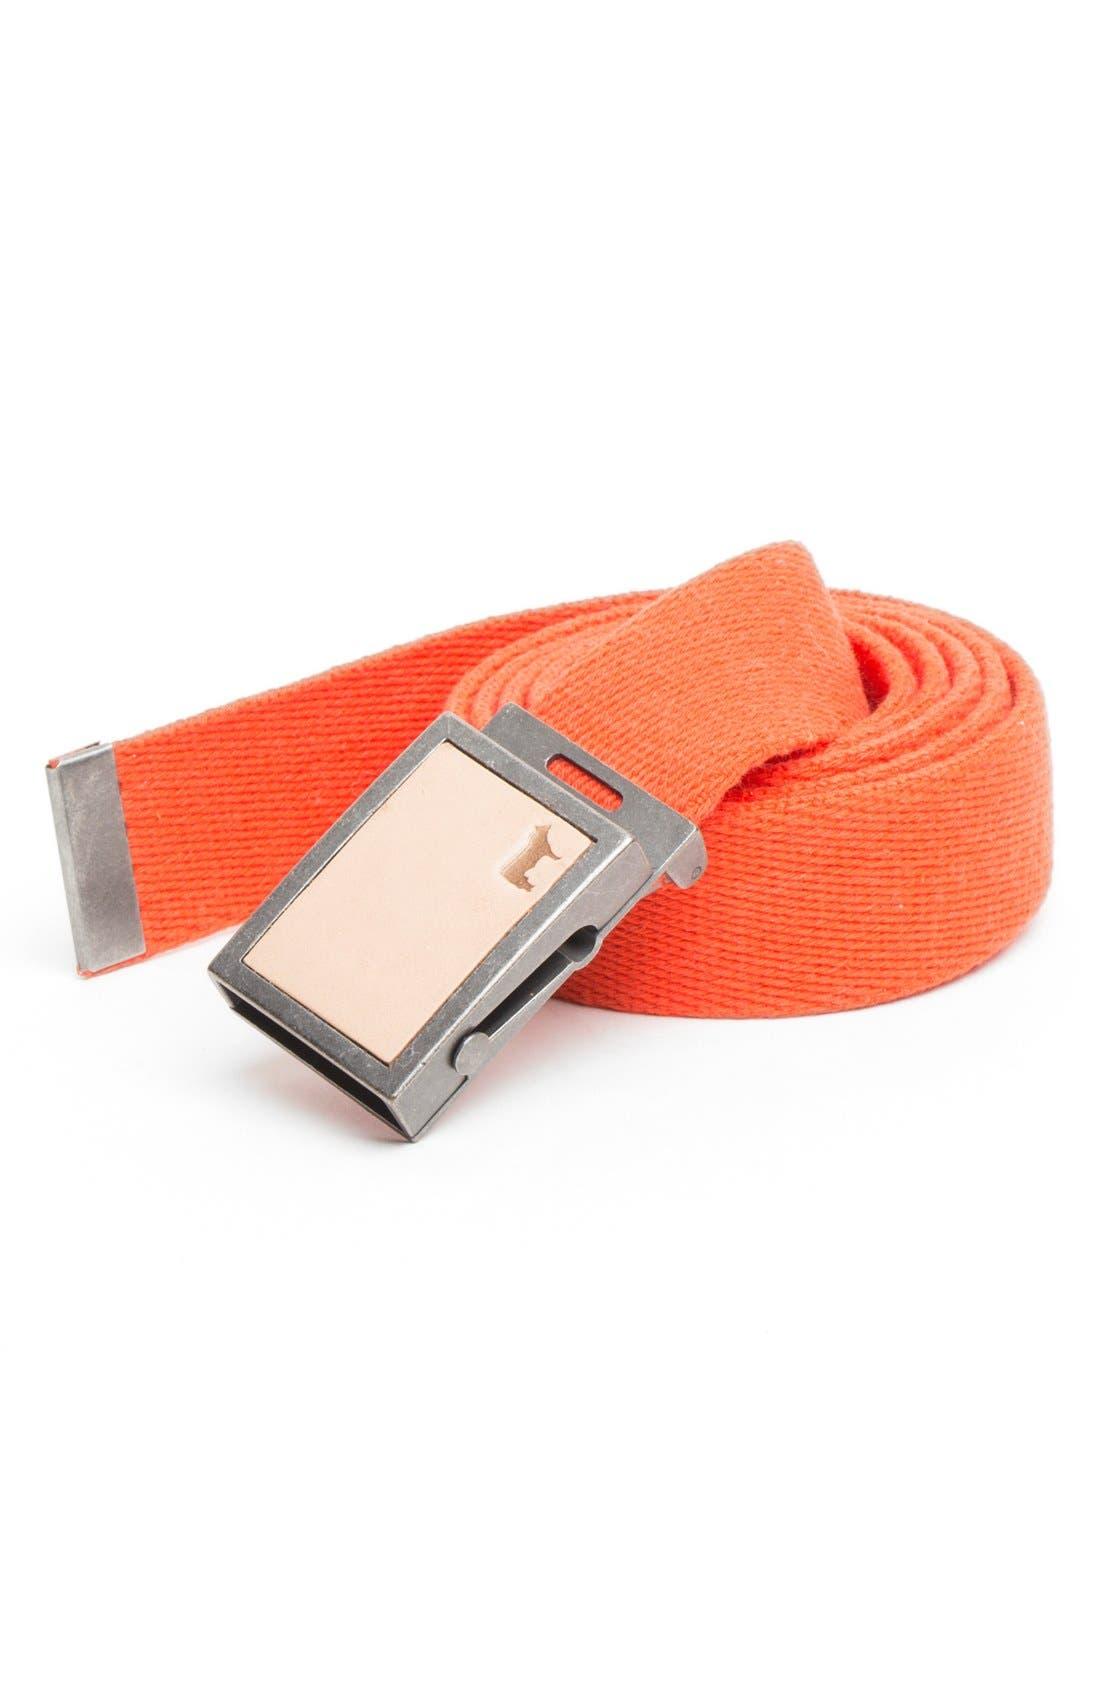 Alternate Image 1 Selected - Will Leather Goods 'Gunner' Belt